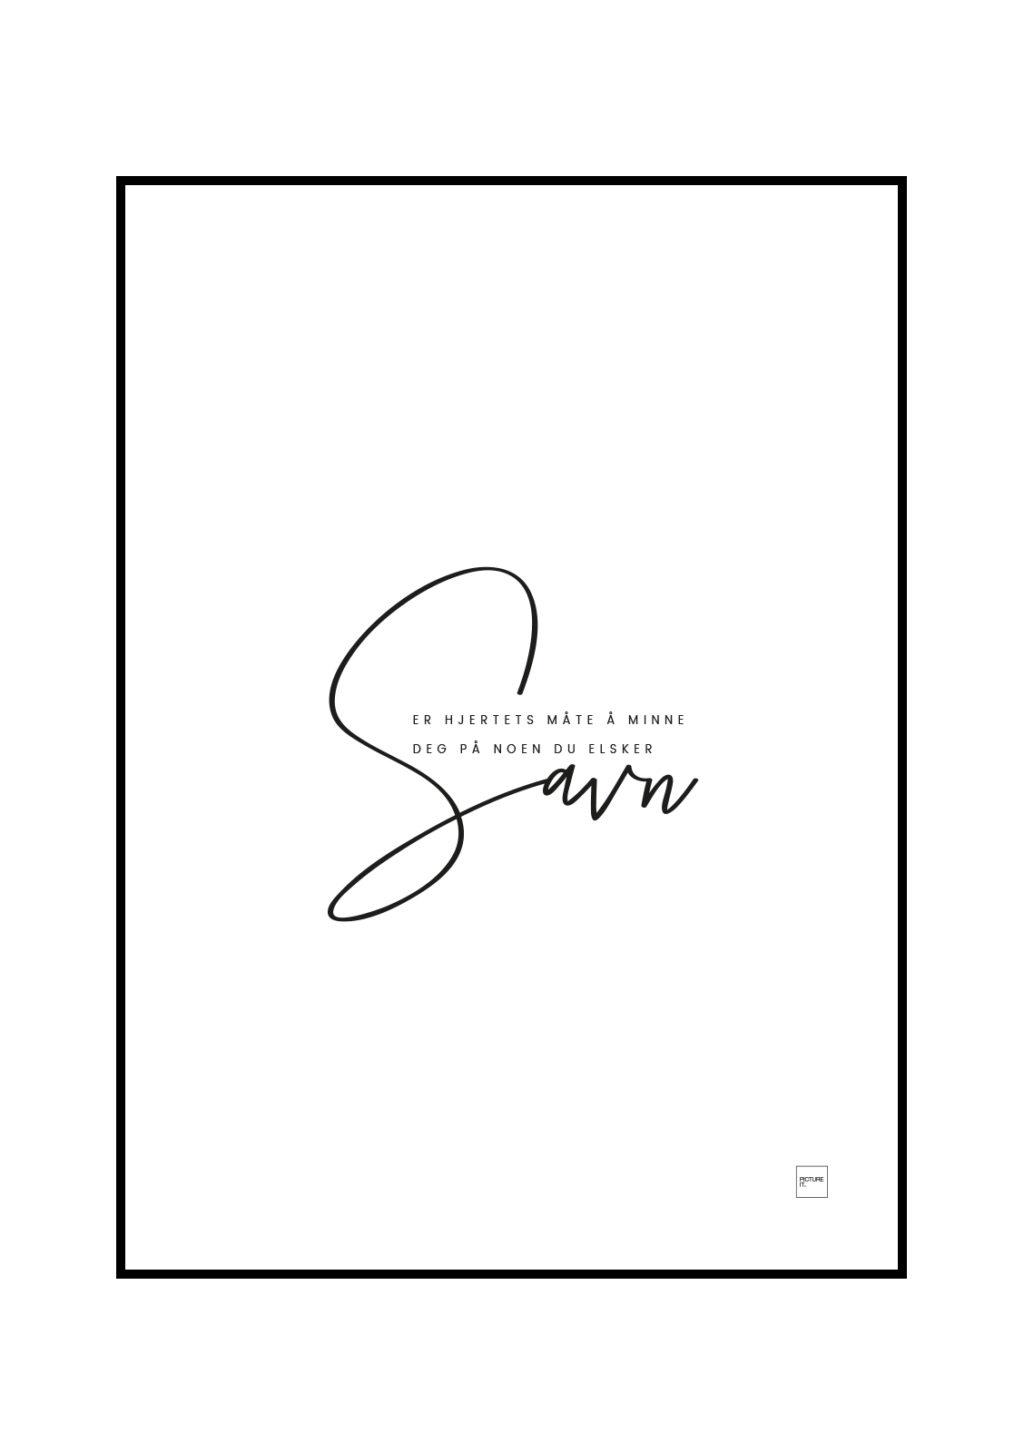 savn poster